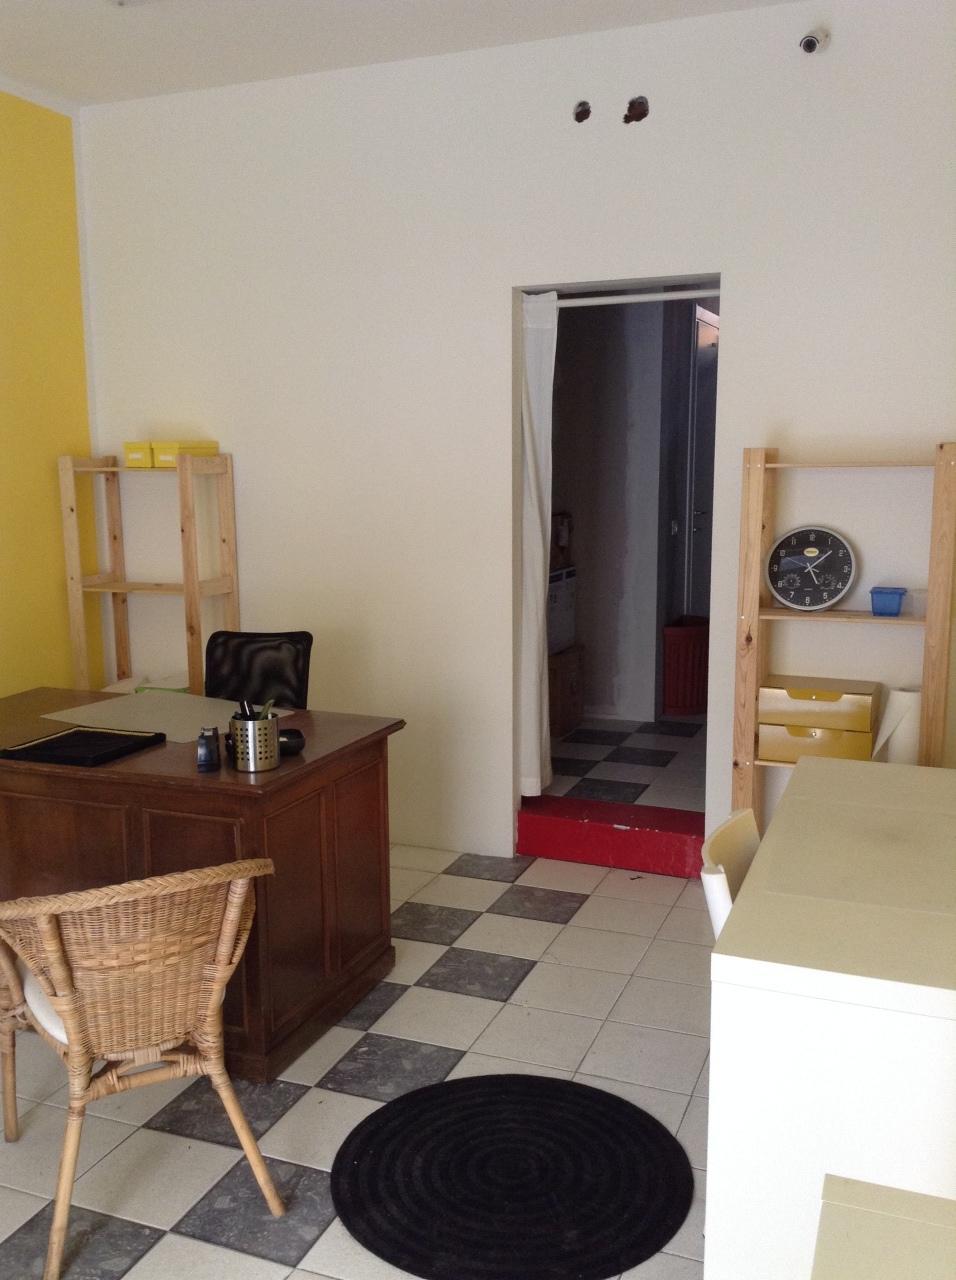 Negozio / Locale in affitto a Livorno, 1 locali, prezzo € 400 | CambioCasa.it